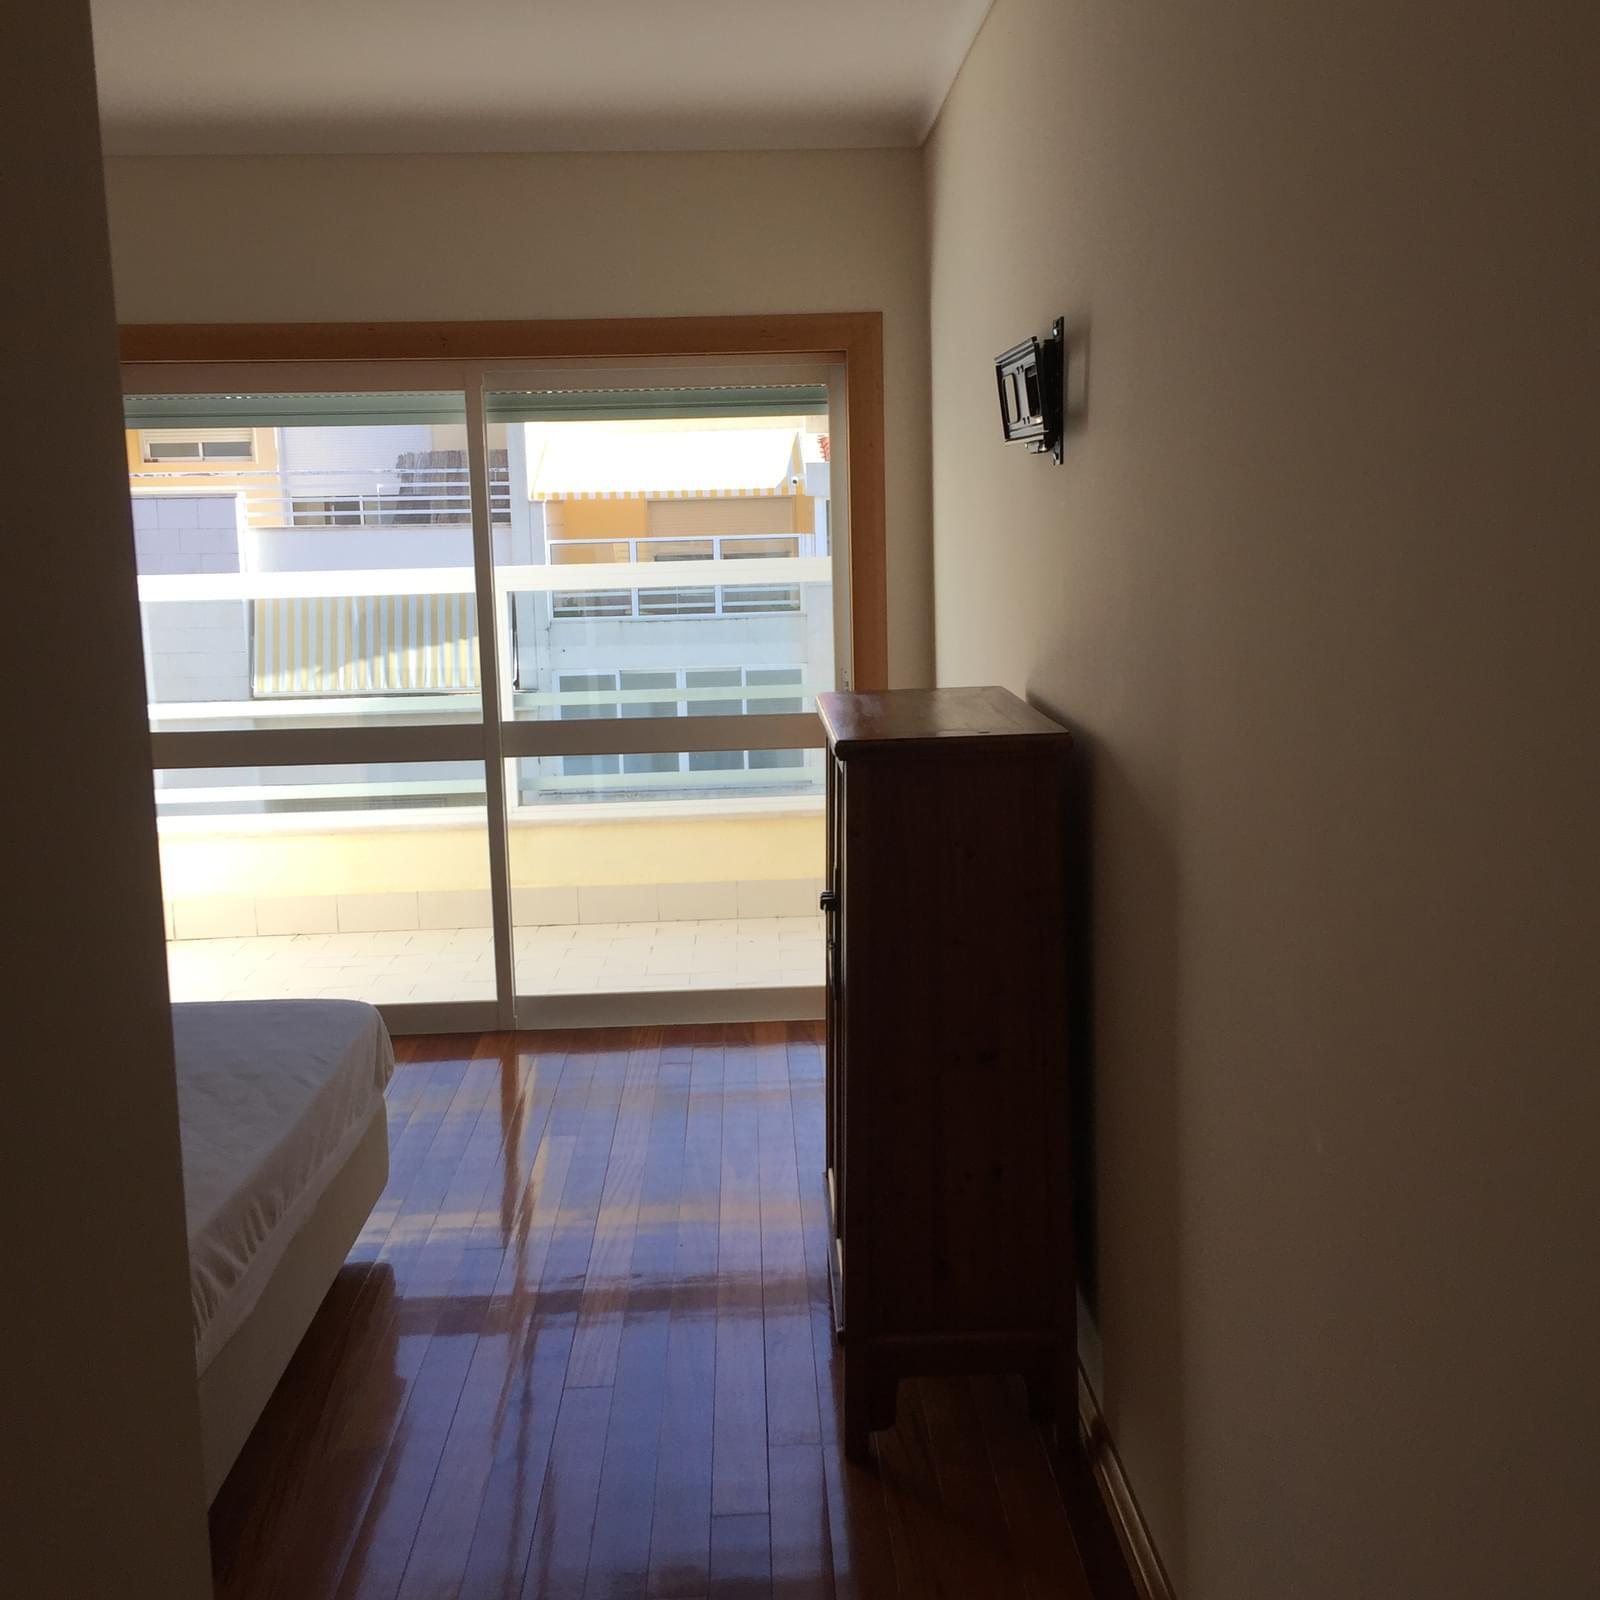 pf18450-apartamento-t3-cascais-d3d67e4f-d249-40ea-a728-660649143a8b